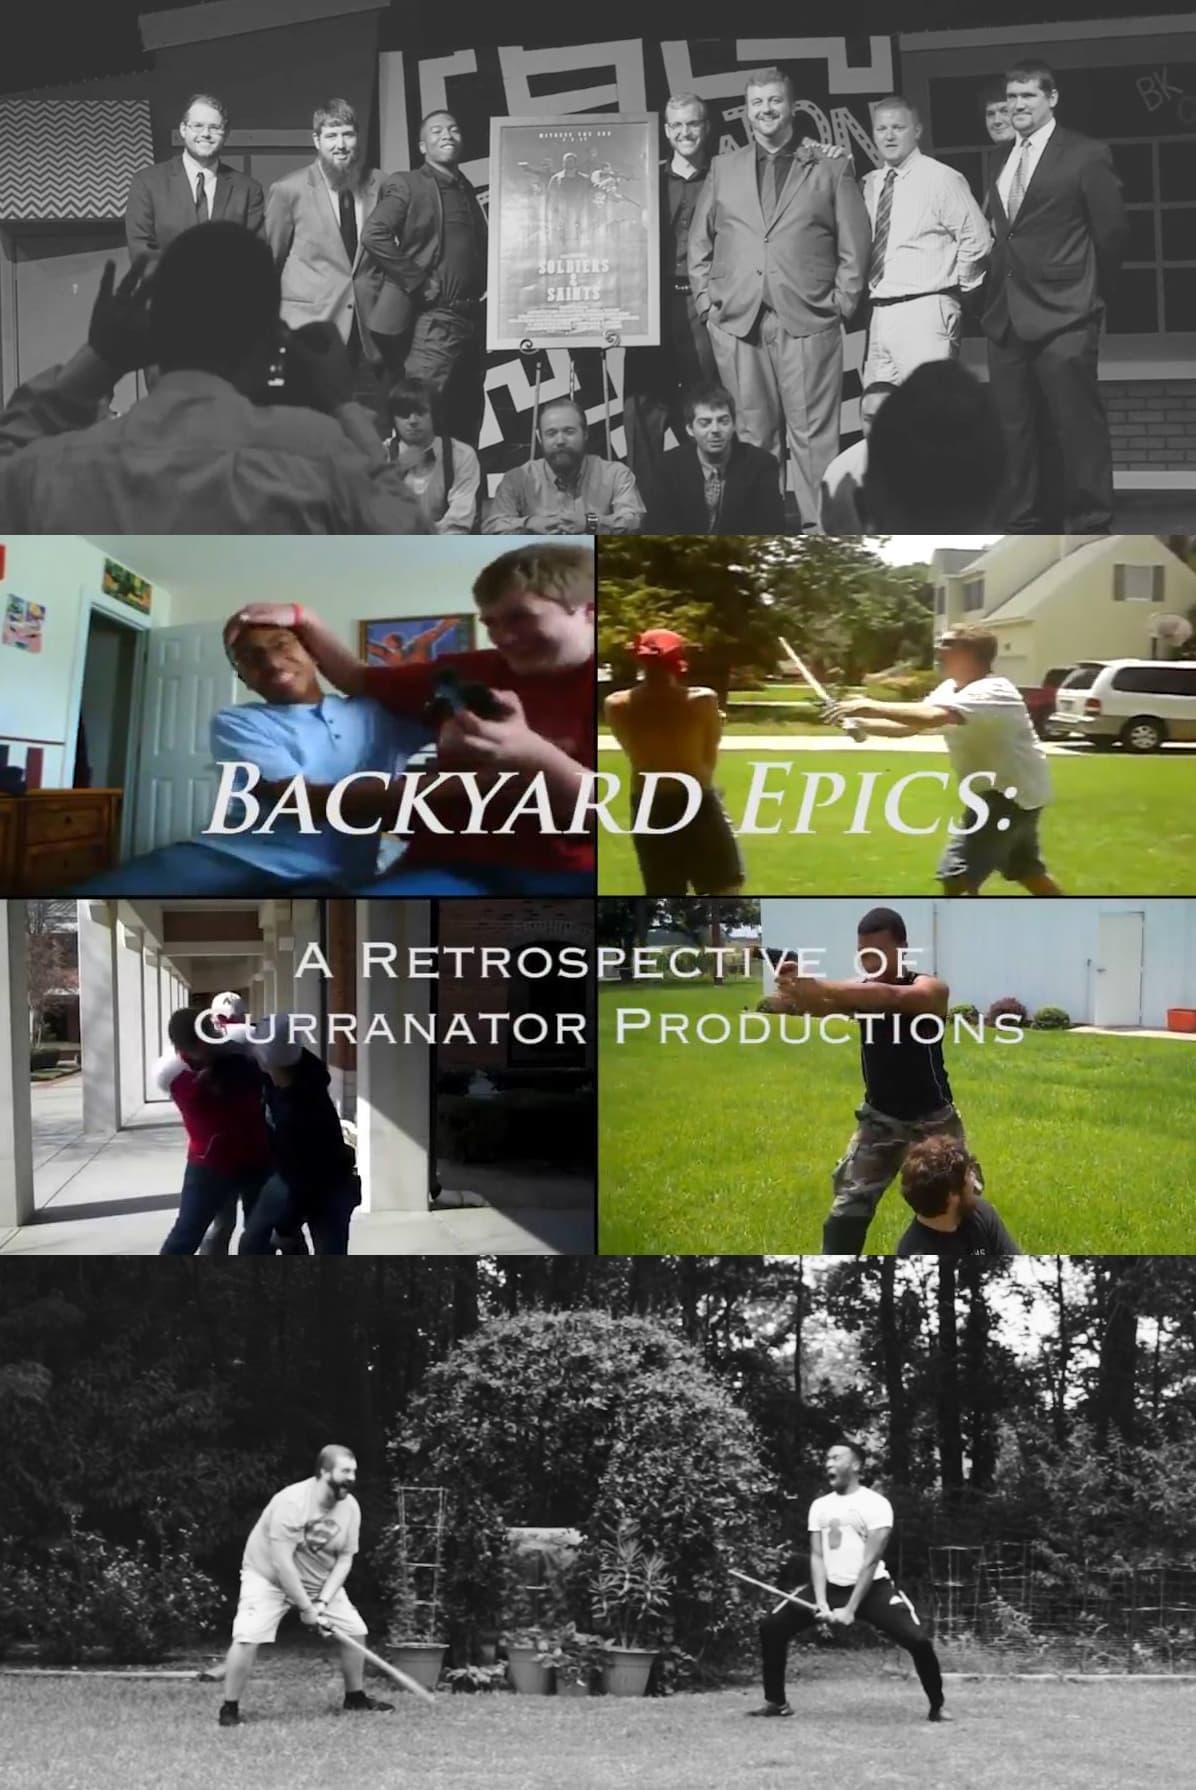 Backyard Epics: A Retrospective of Curranator Productions